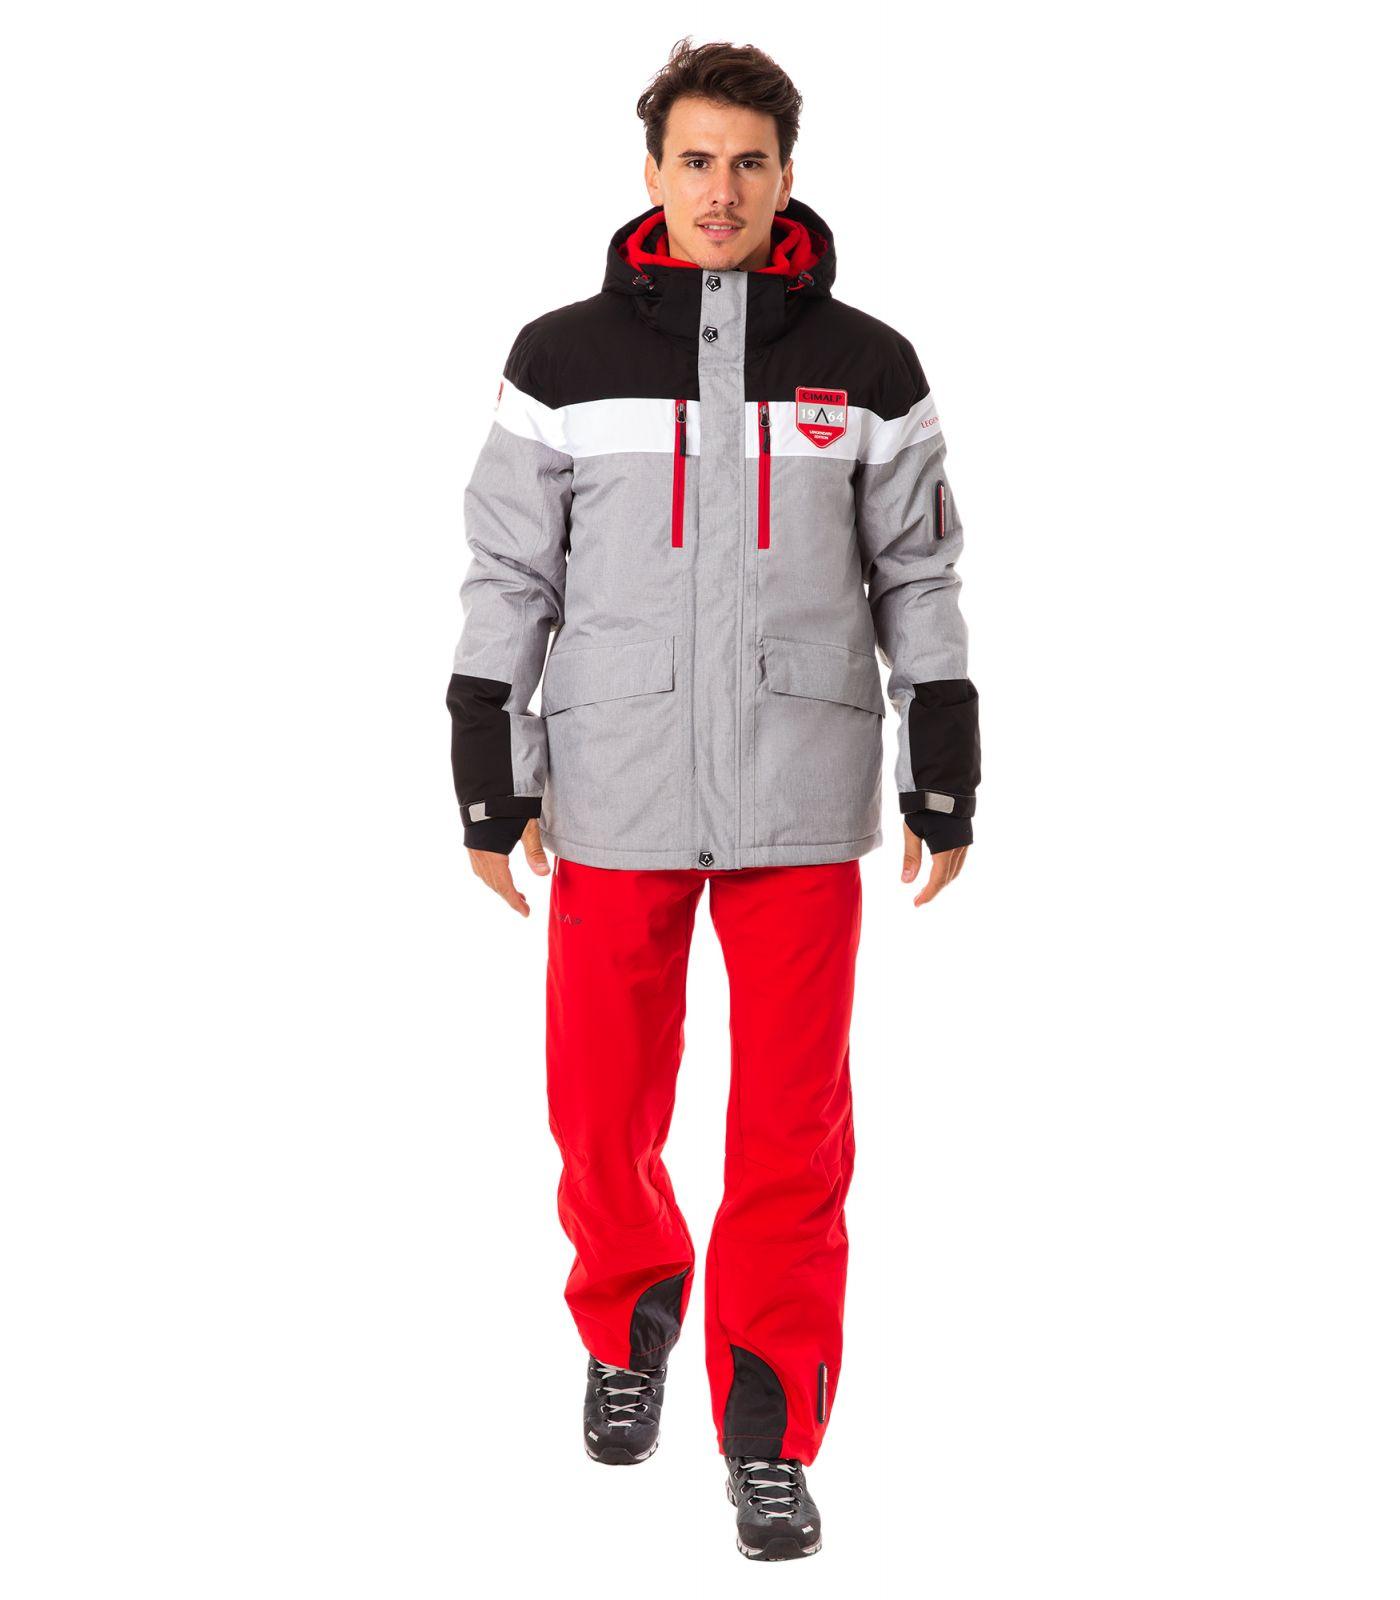 cadeau de noël pour un skieur